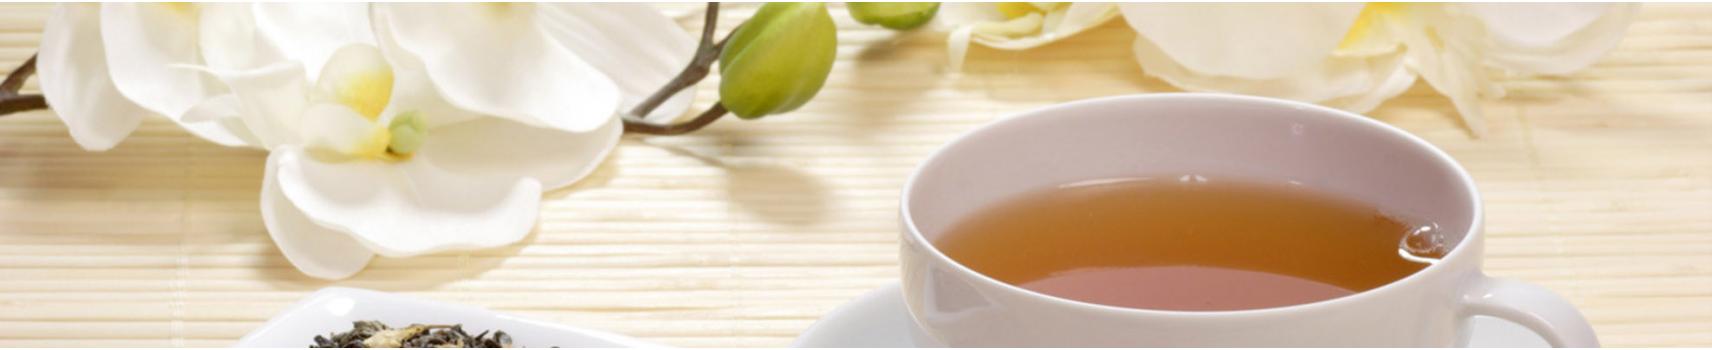 Grand choix de thés